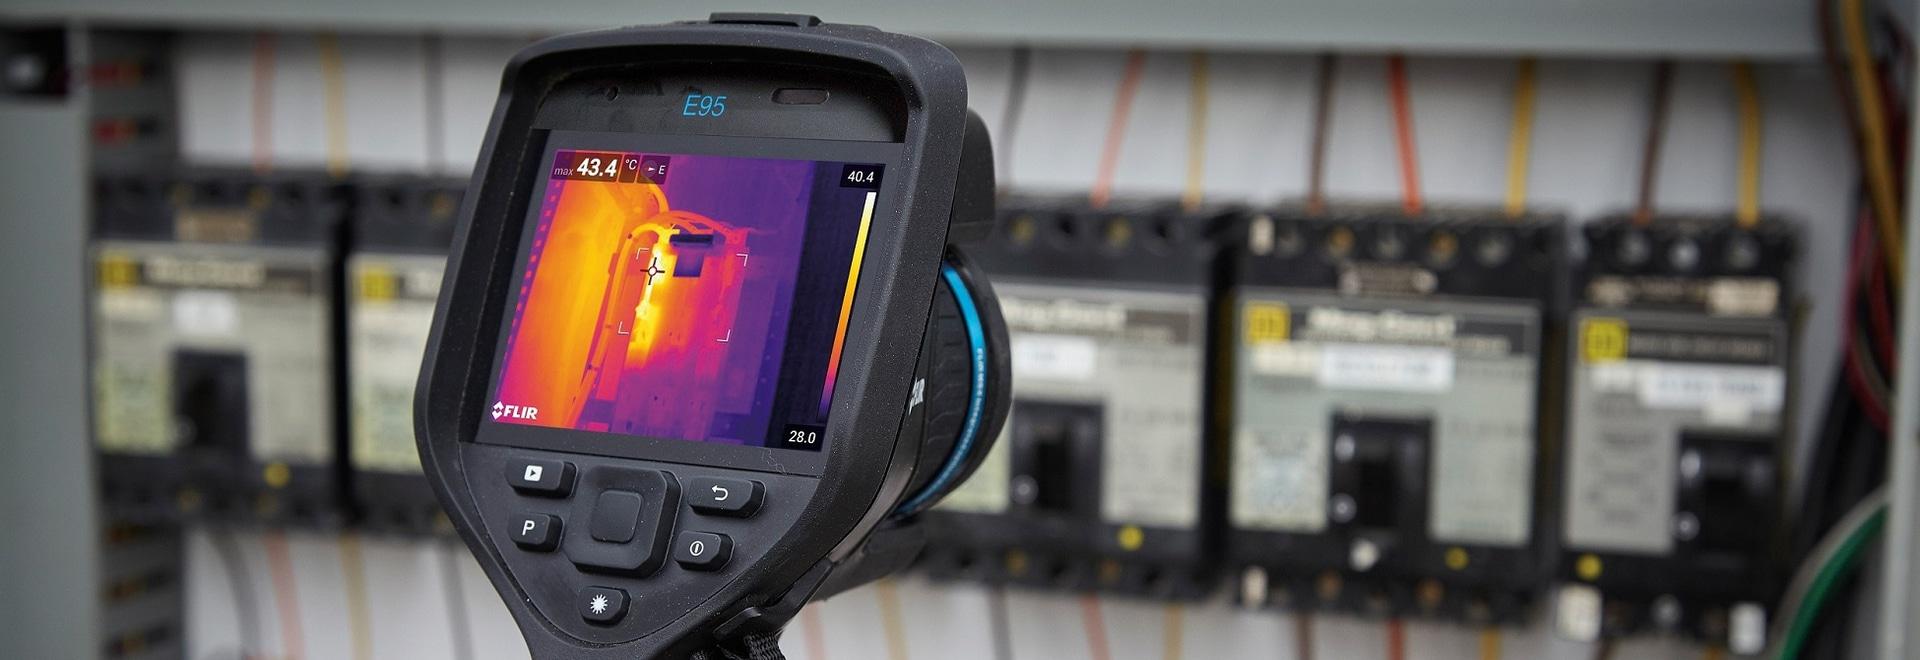 Cámara de la toma de imágenes térmica del FLIR E95 - inspección eléctrica